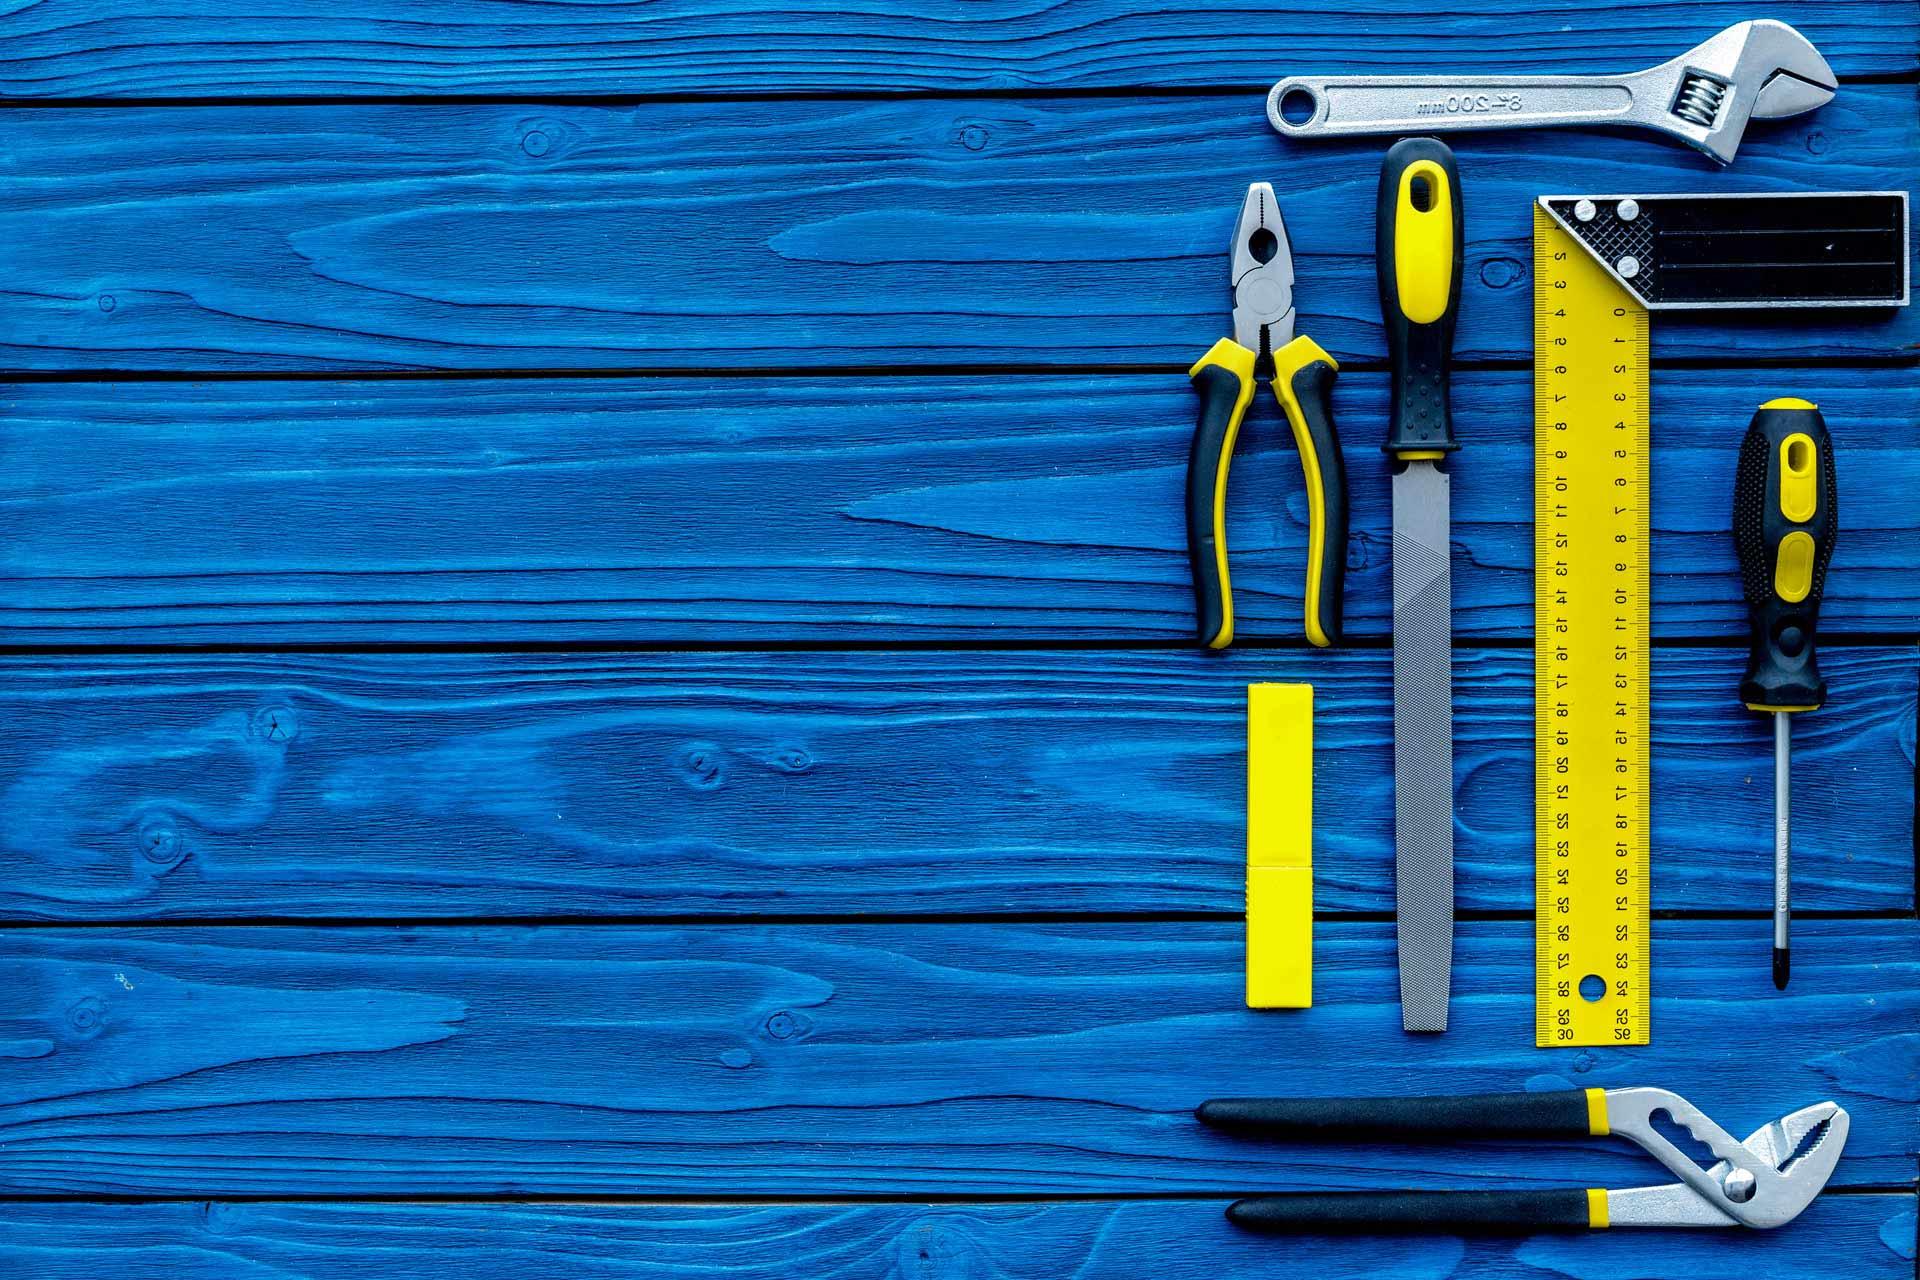 verktyg på blå bakgrund